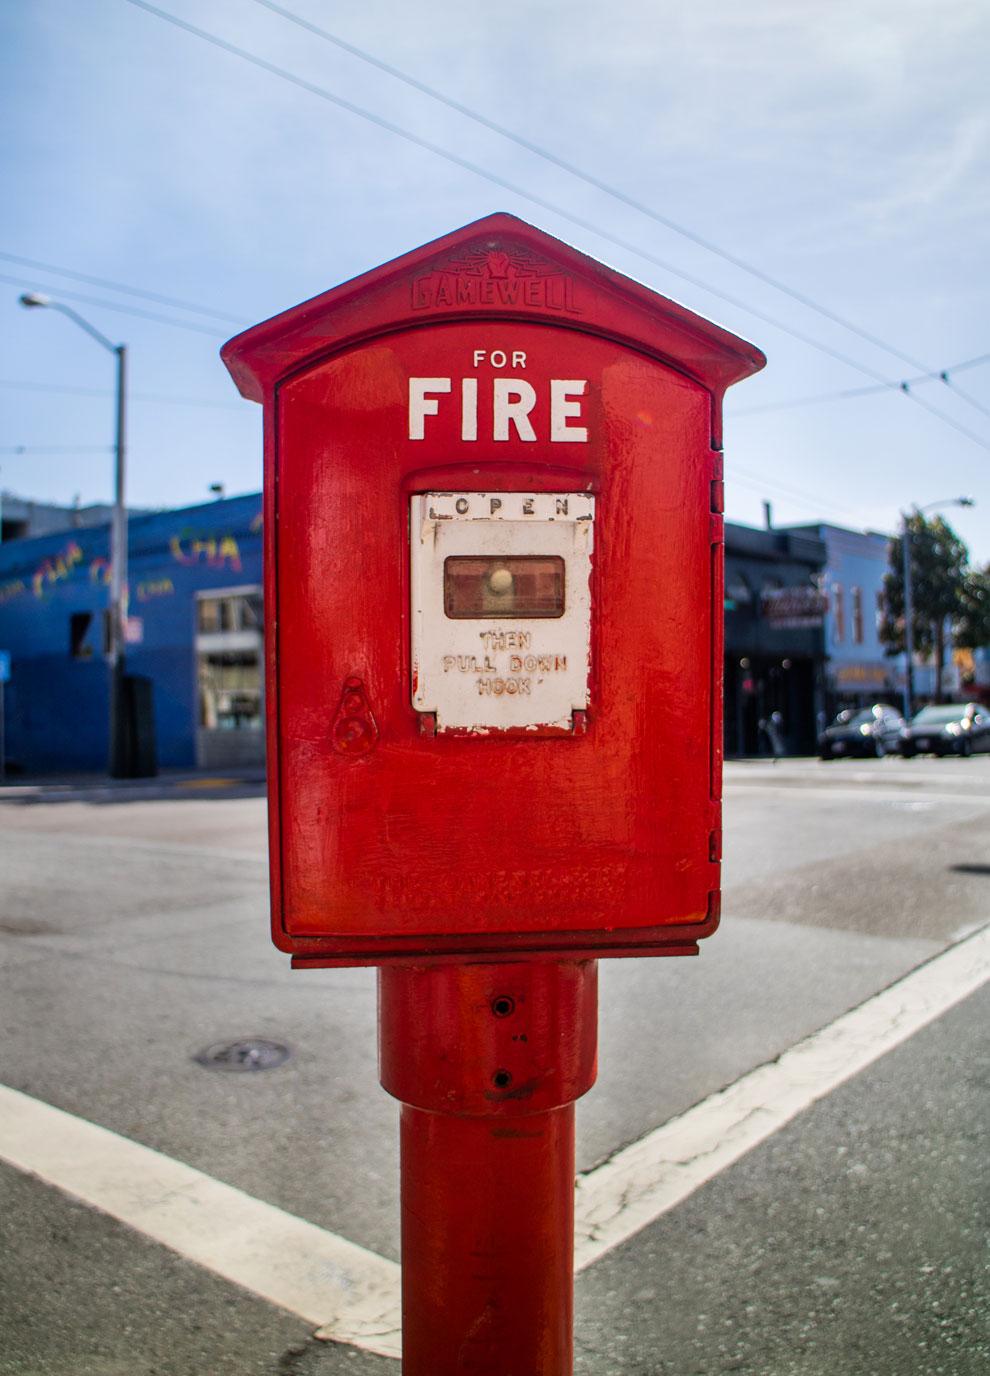 USA Feuermelder